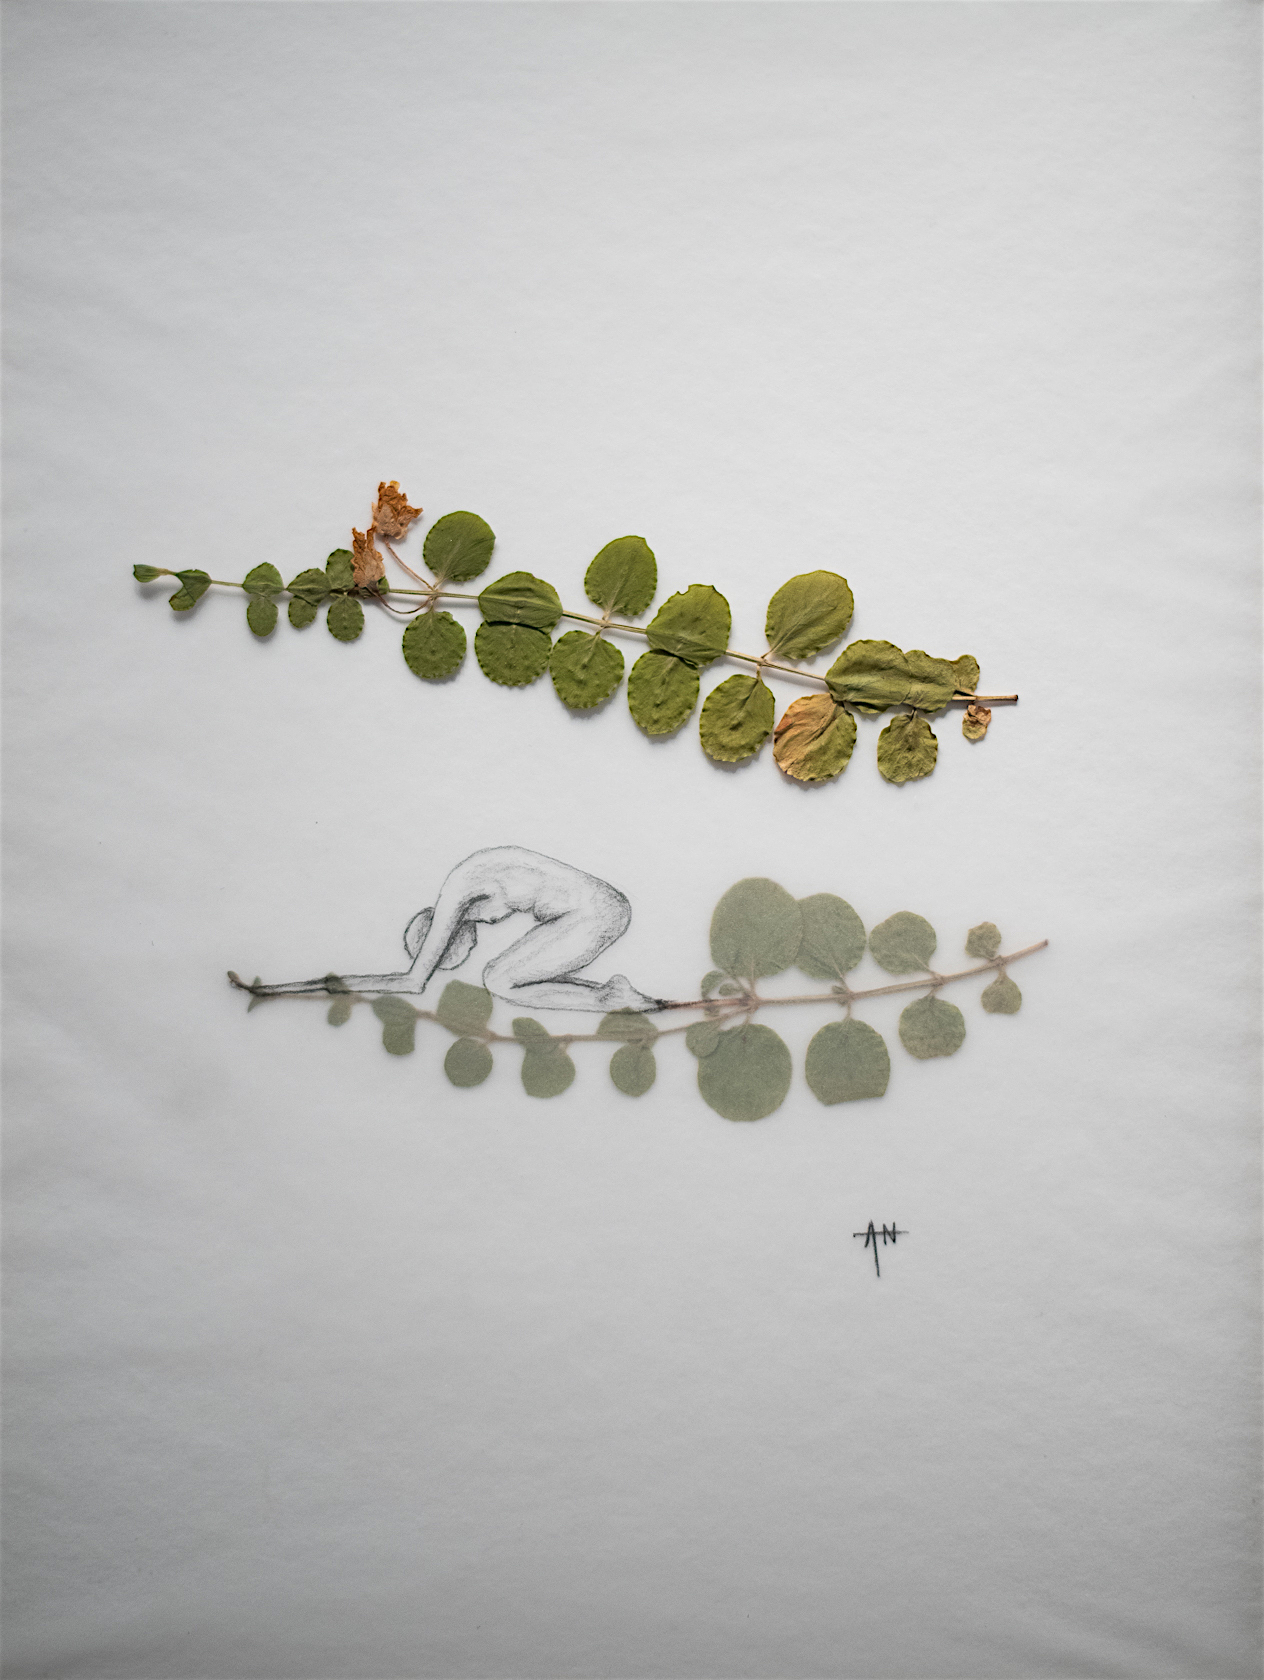 Plante séchées, crayon, calque sur papier. 2018.